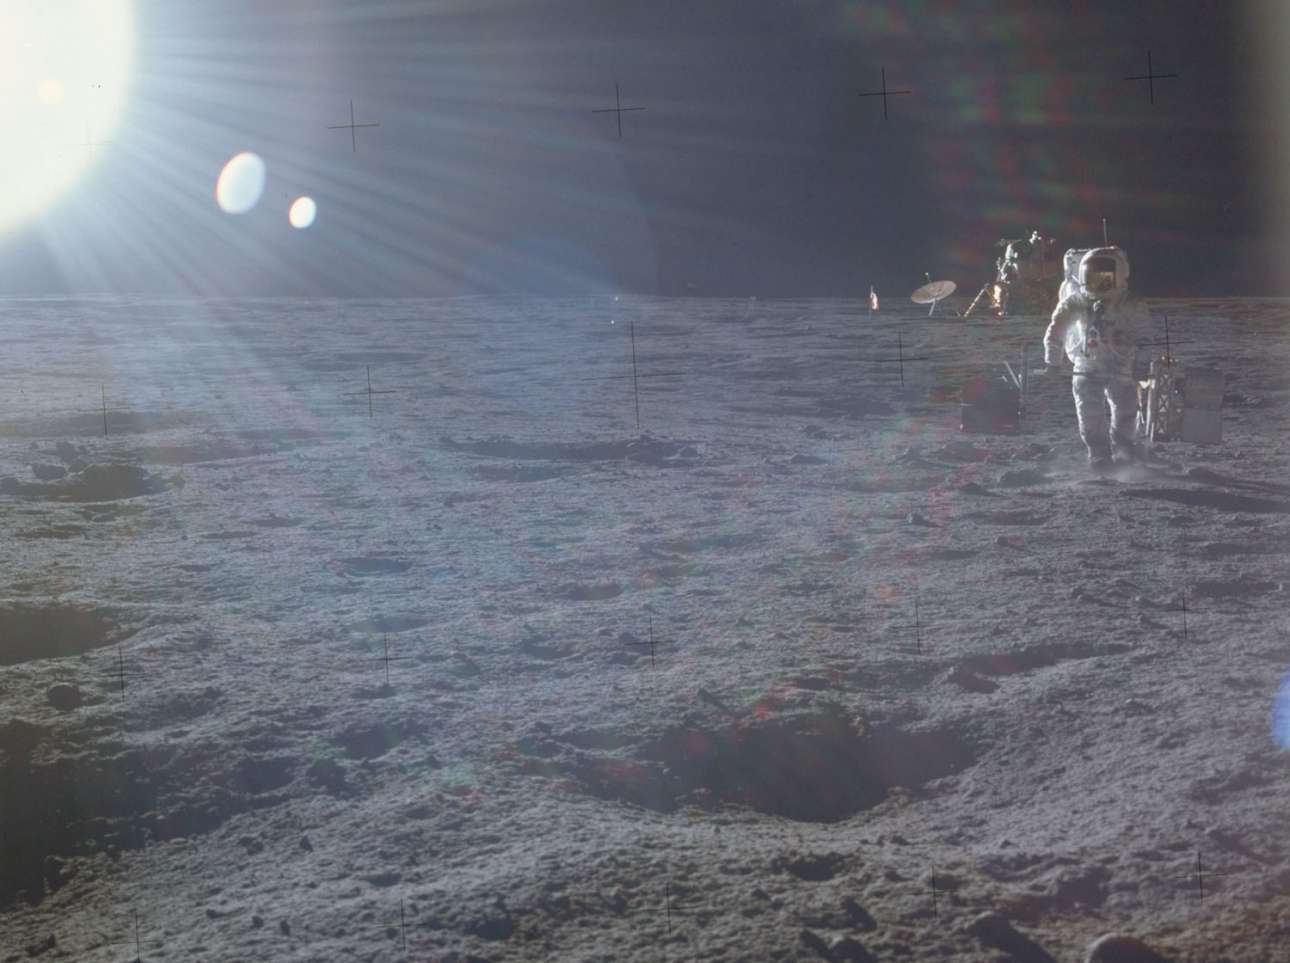 Η πρώτη τους βόλτα εκτός Γης. Οι δύο αστροναύτες ετοιμάζονται να αναπτύξουν τον ειδικό εξοπλισμό πειραμάτων για την επιφάνεια της Σελήνης